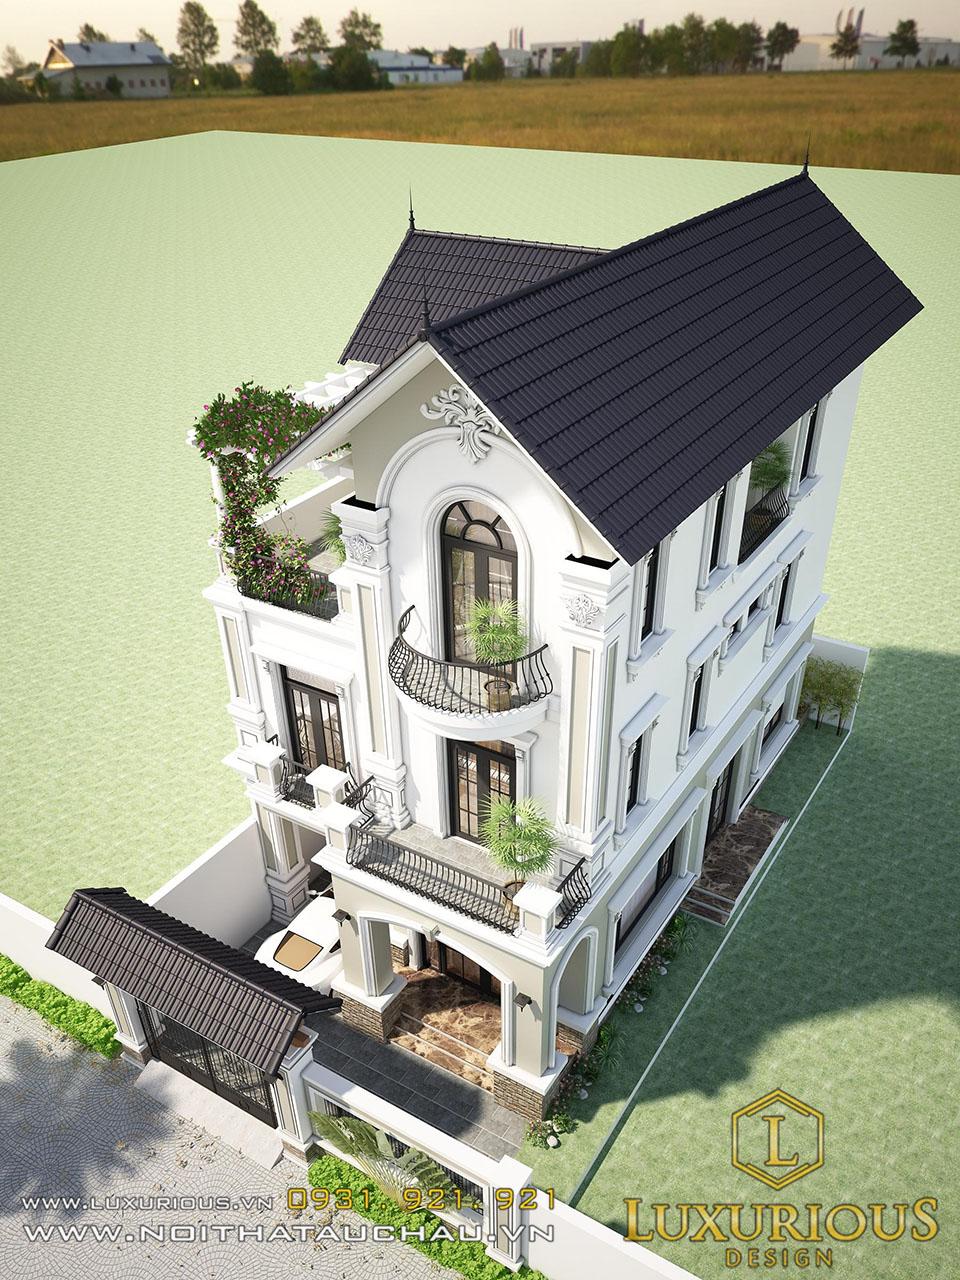 Thiết kế kiến trúc biệt thự mái thái 3 tầng tân cổ điển